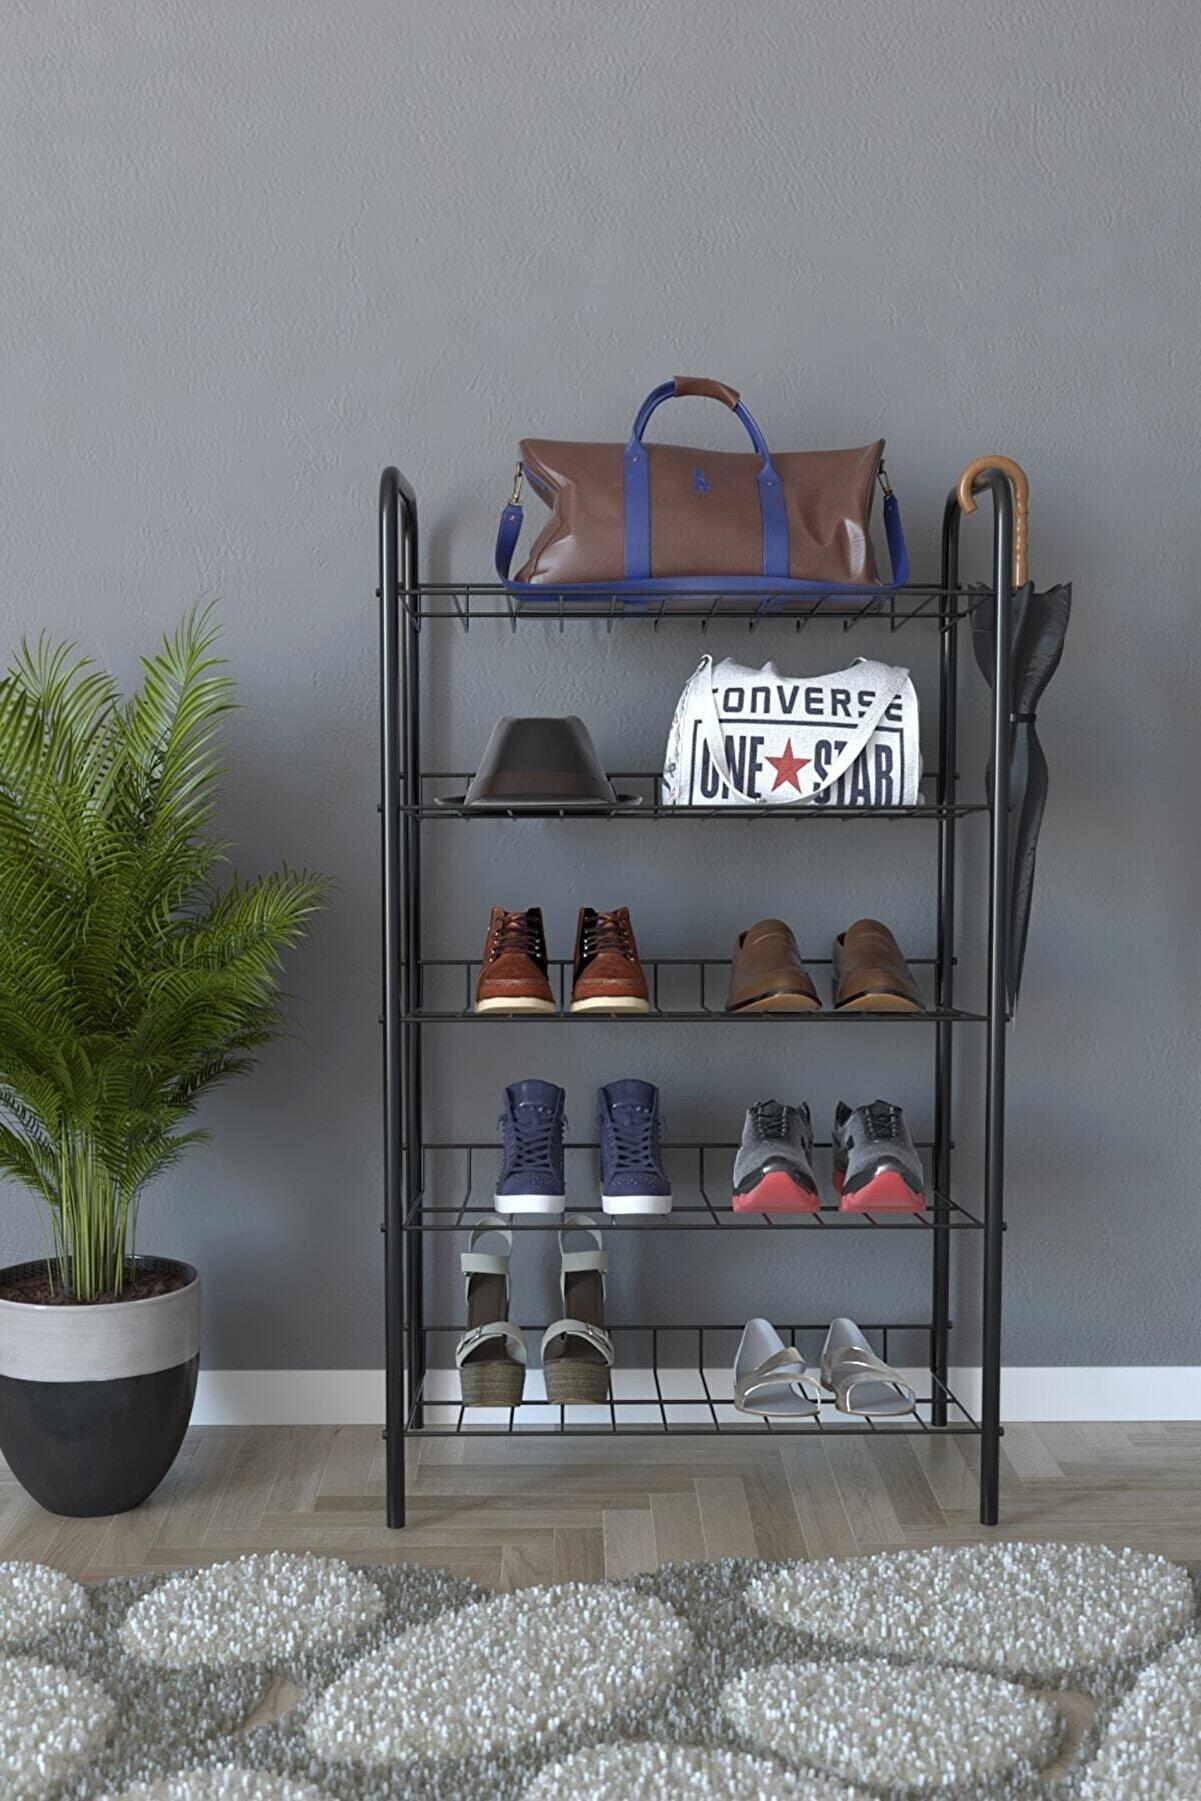 Remaks 5 Raflı Ayakkabılık Metal Ayakkabılık Çok Amaçlı Dolap - Siyah